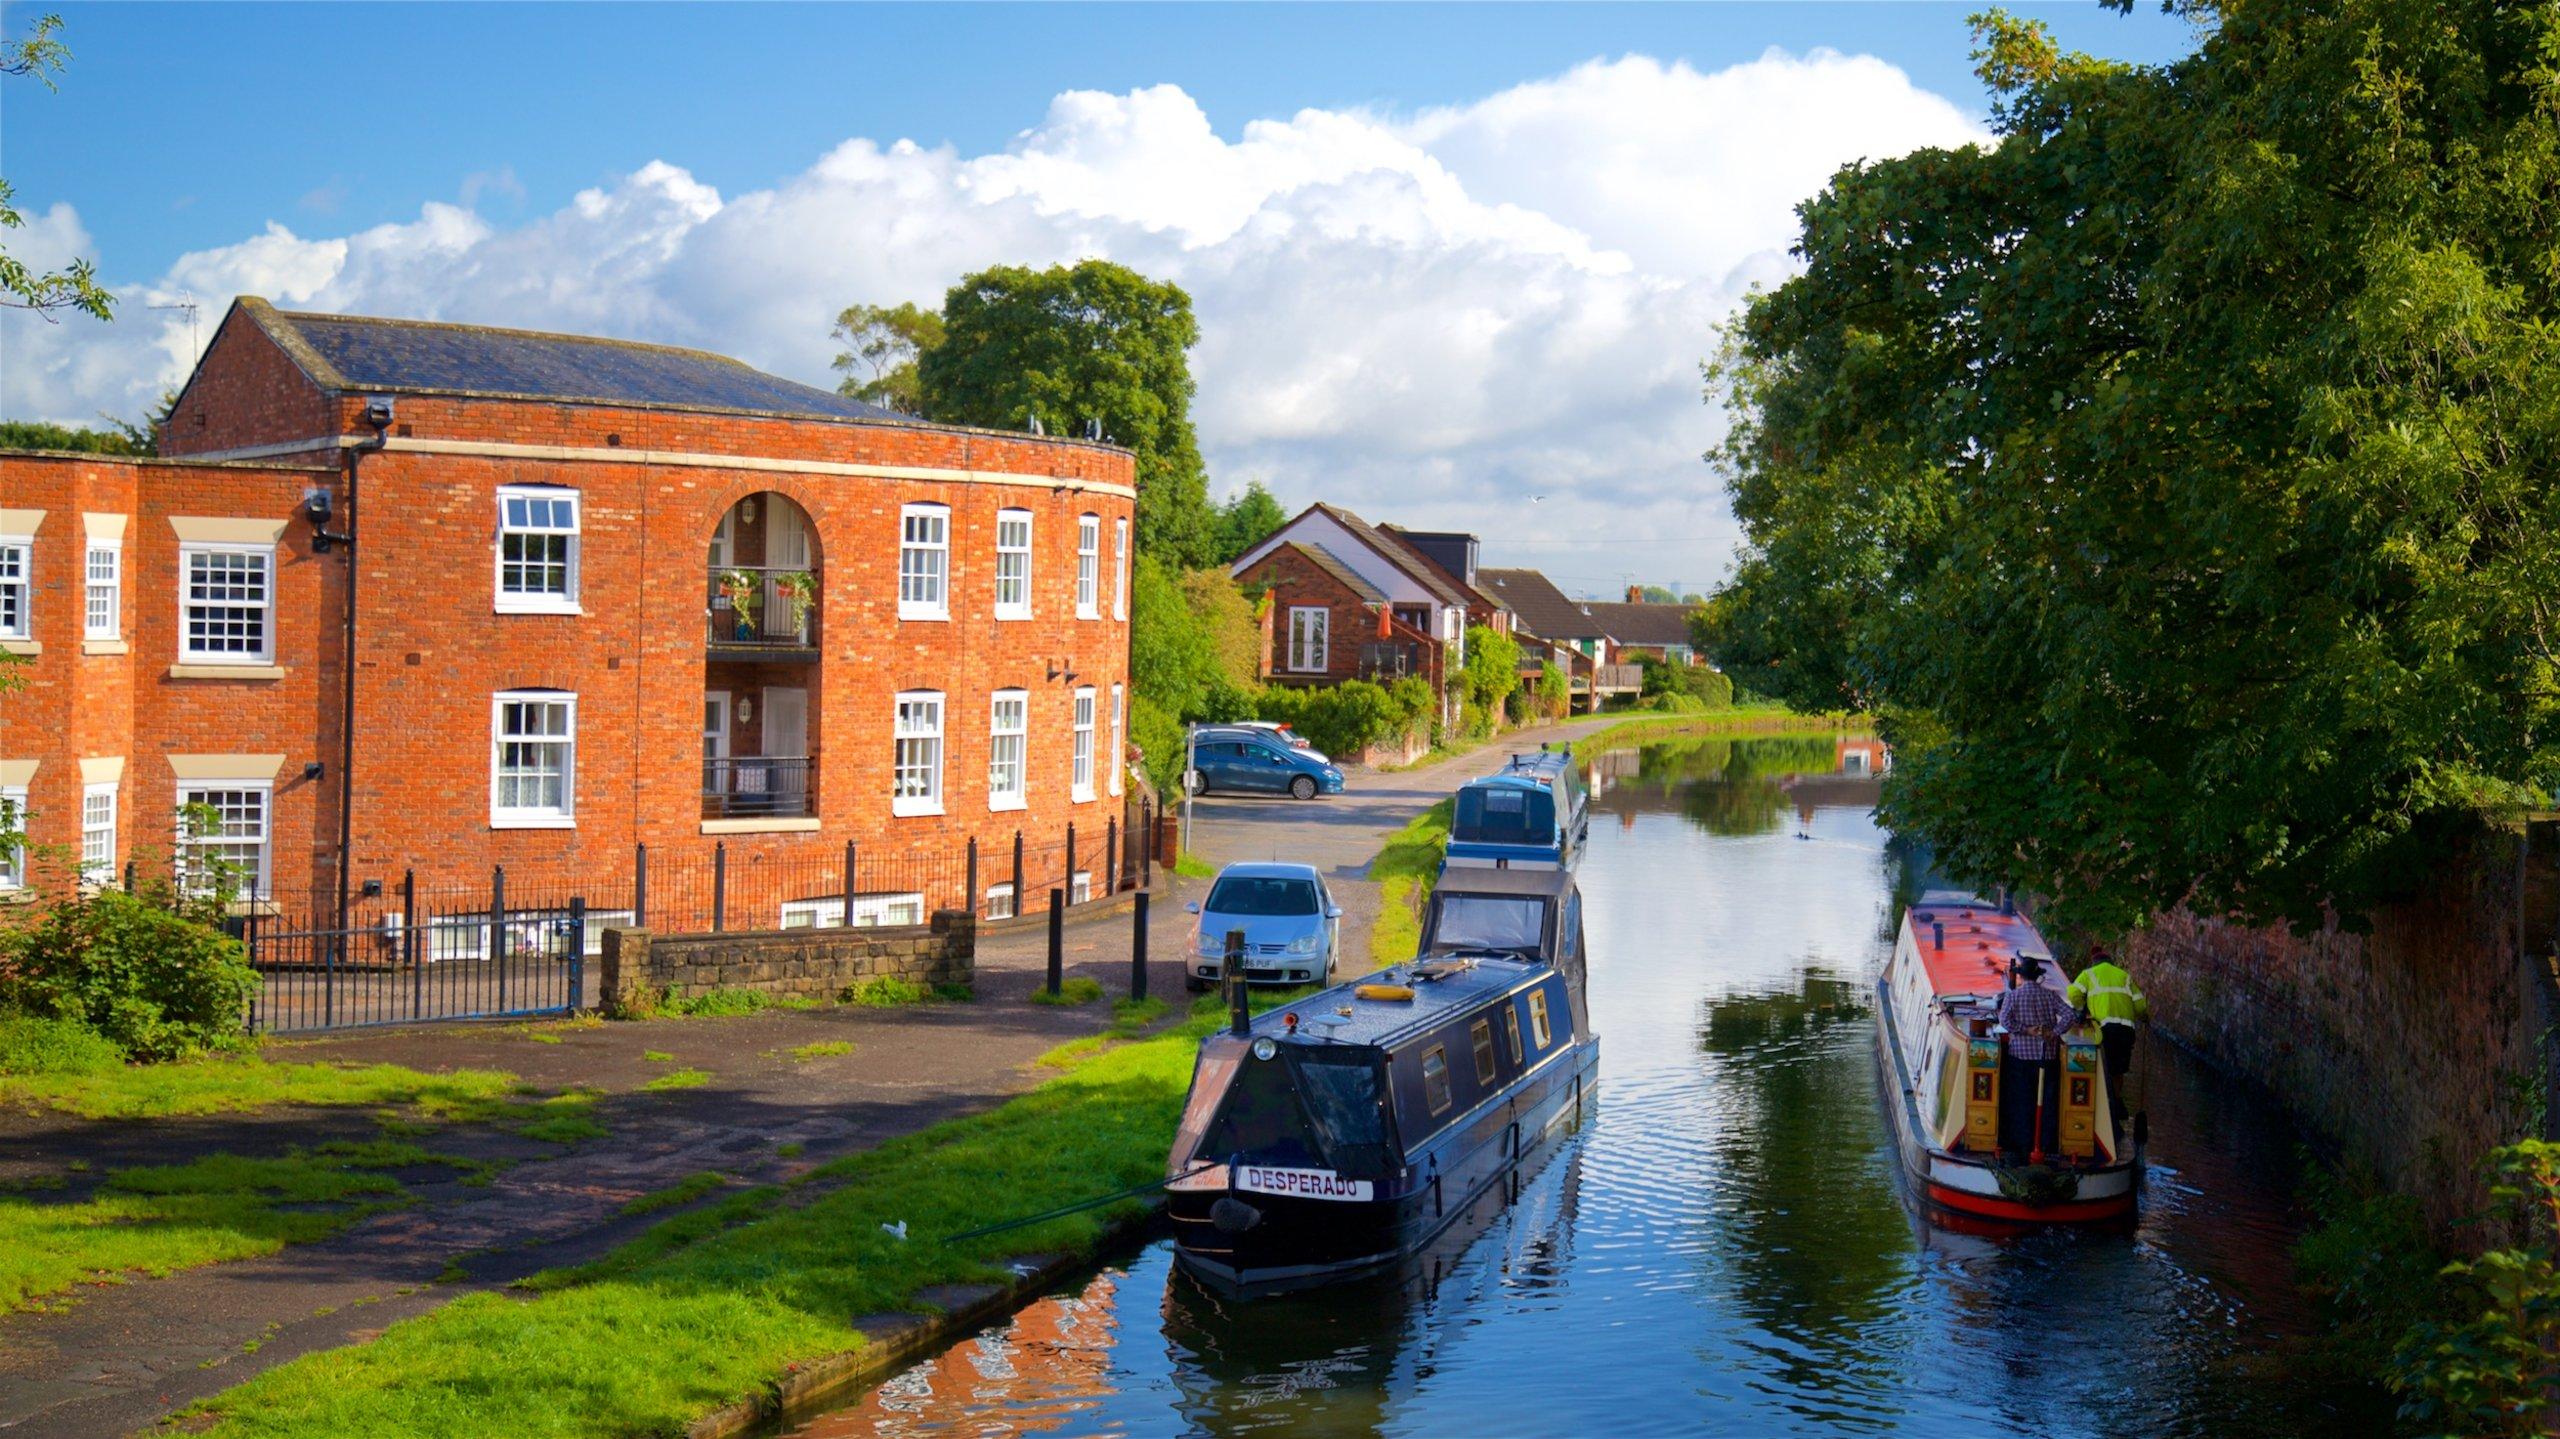 Lymm, England, United Kingdom